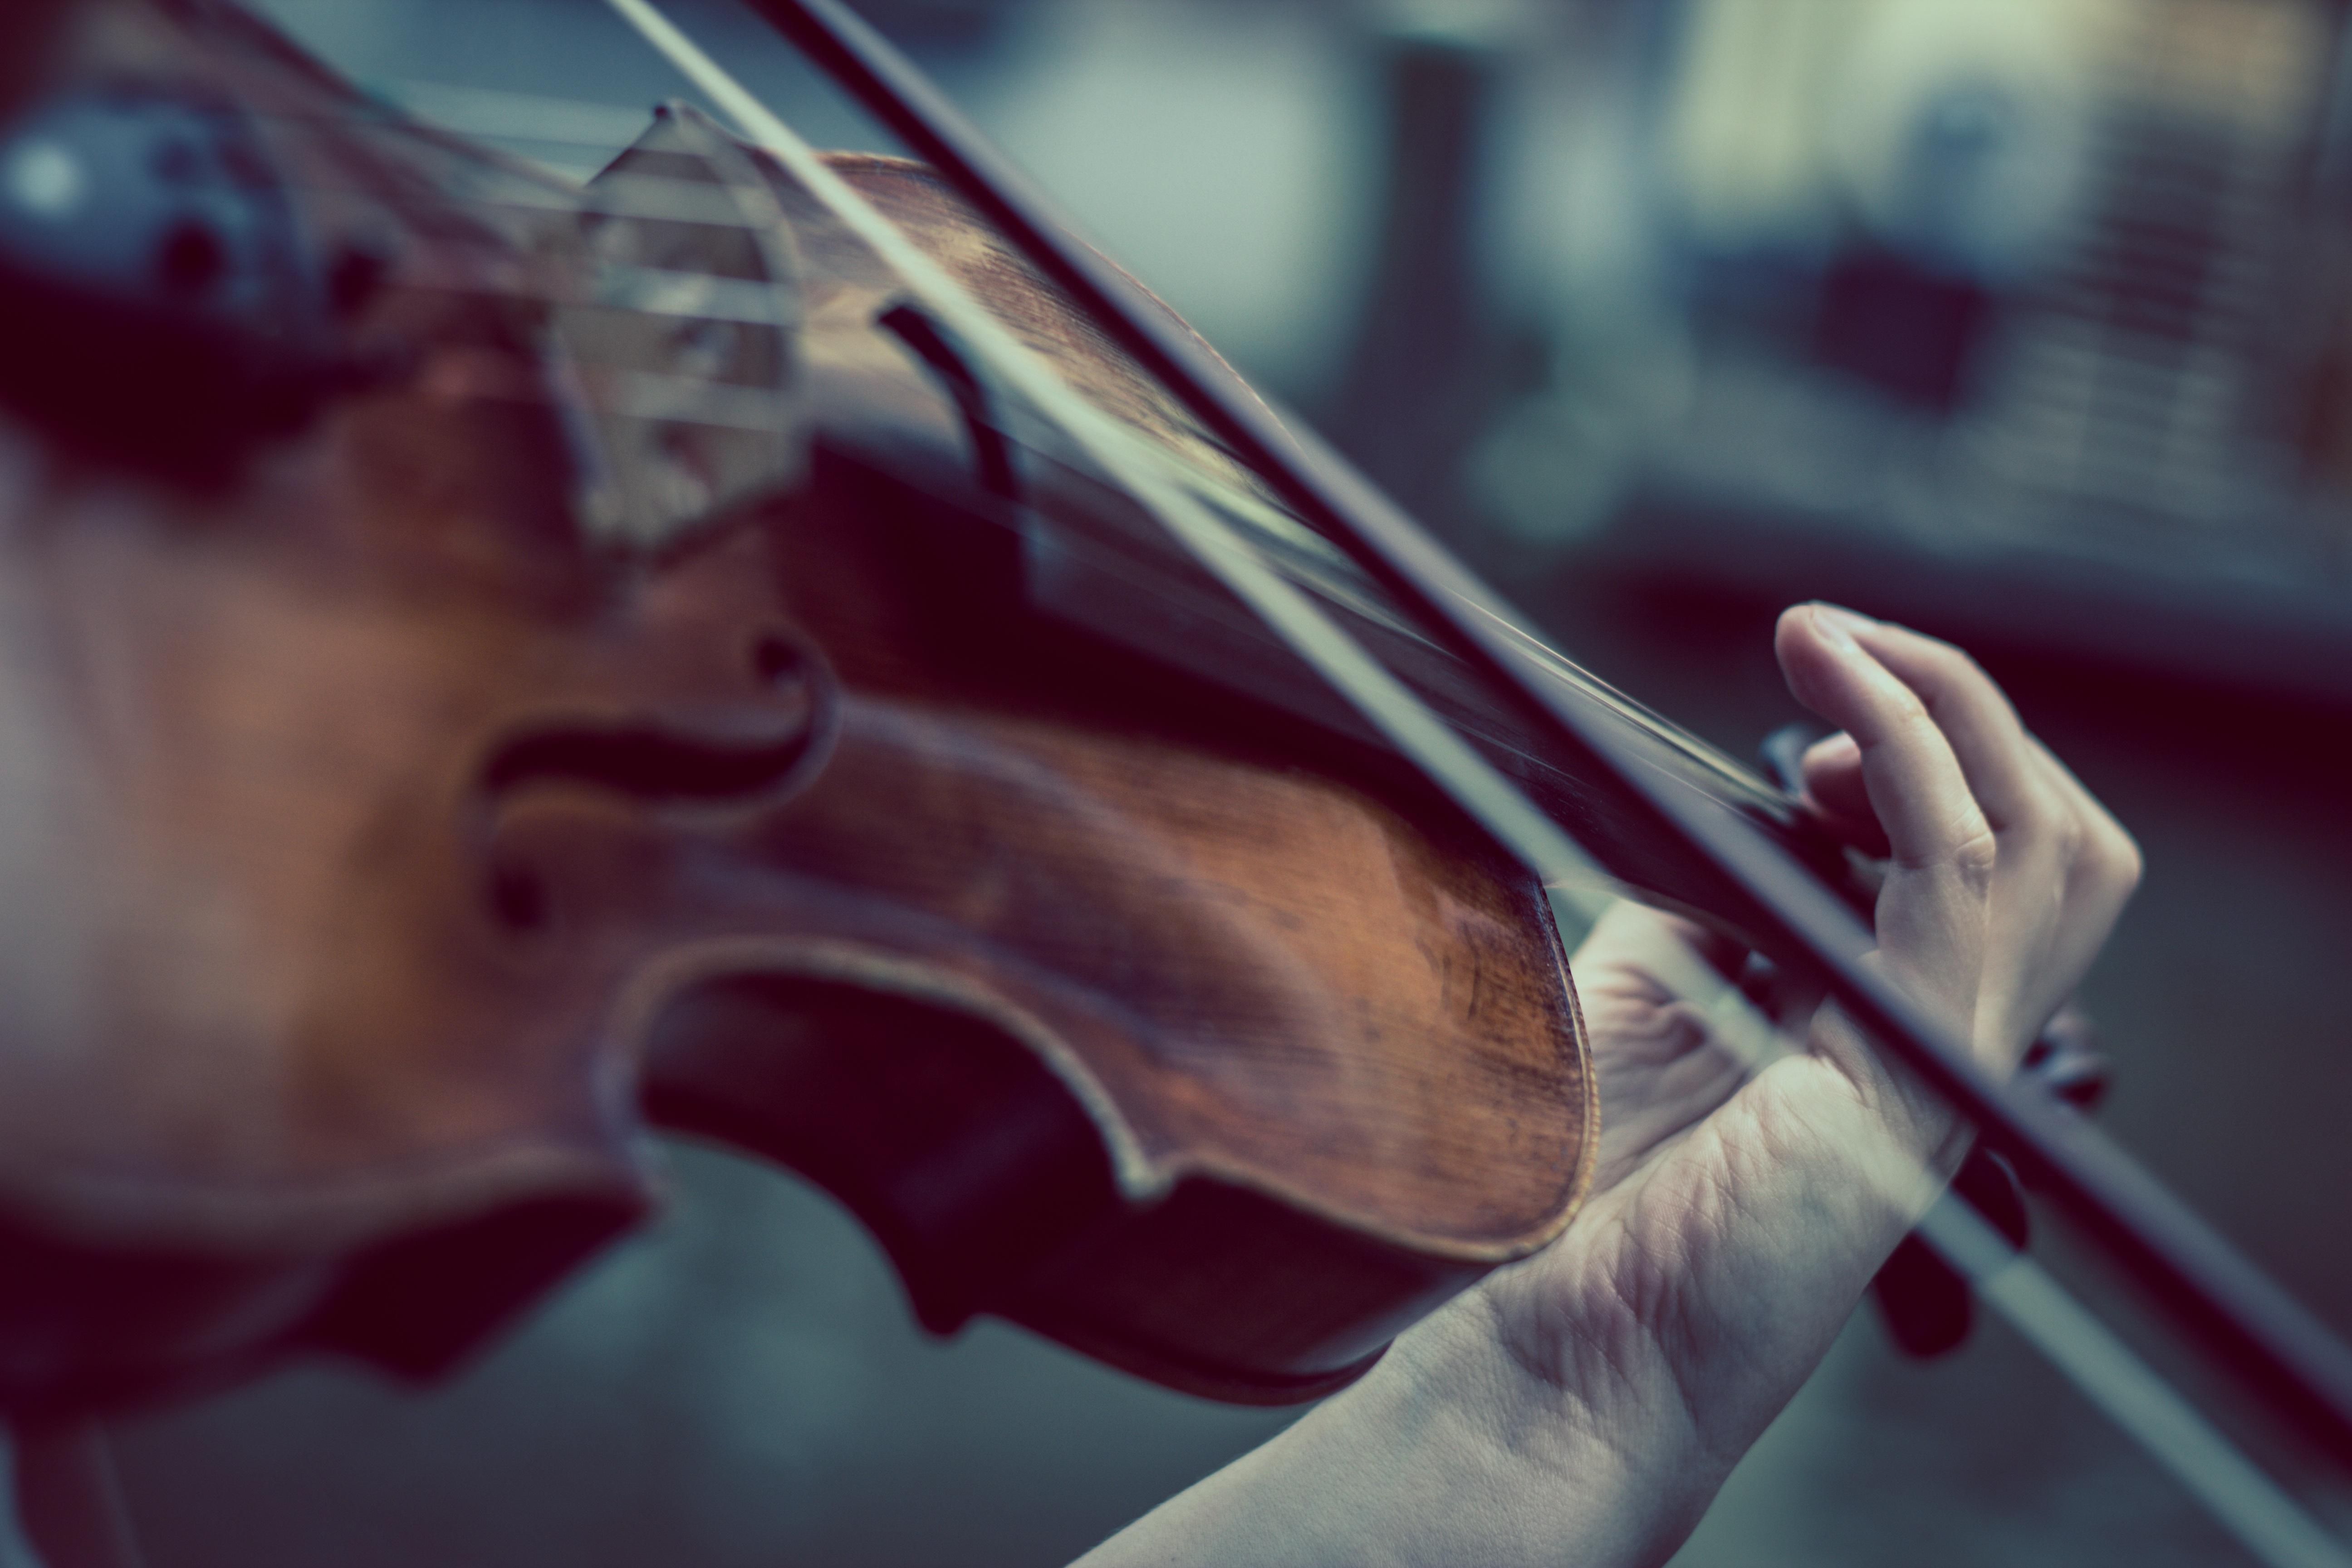 violin-374096